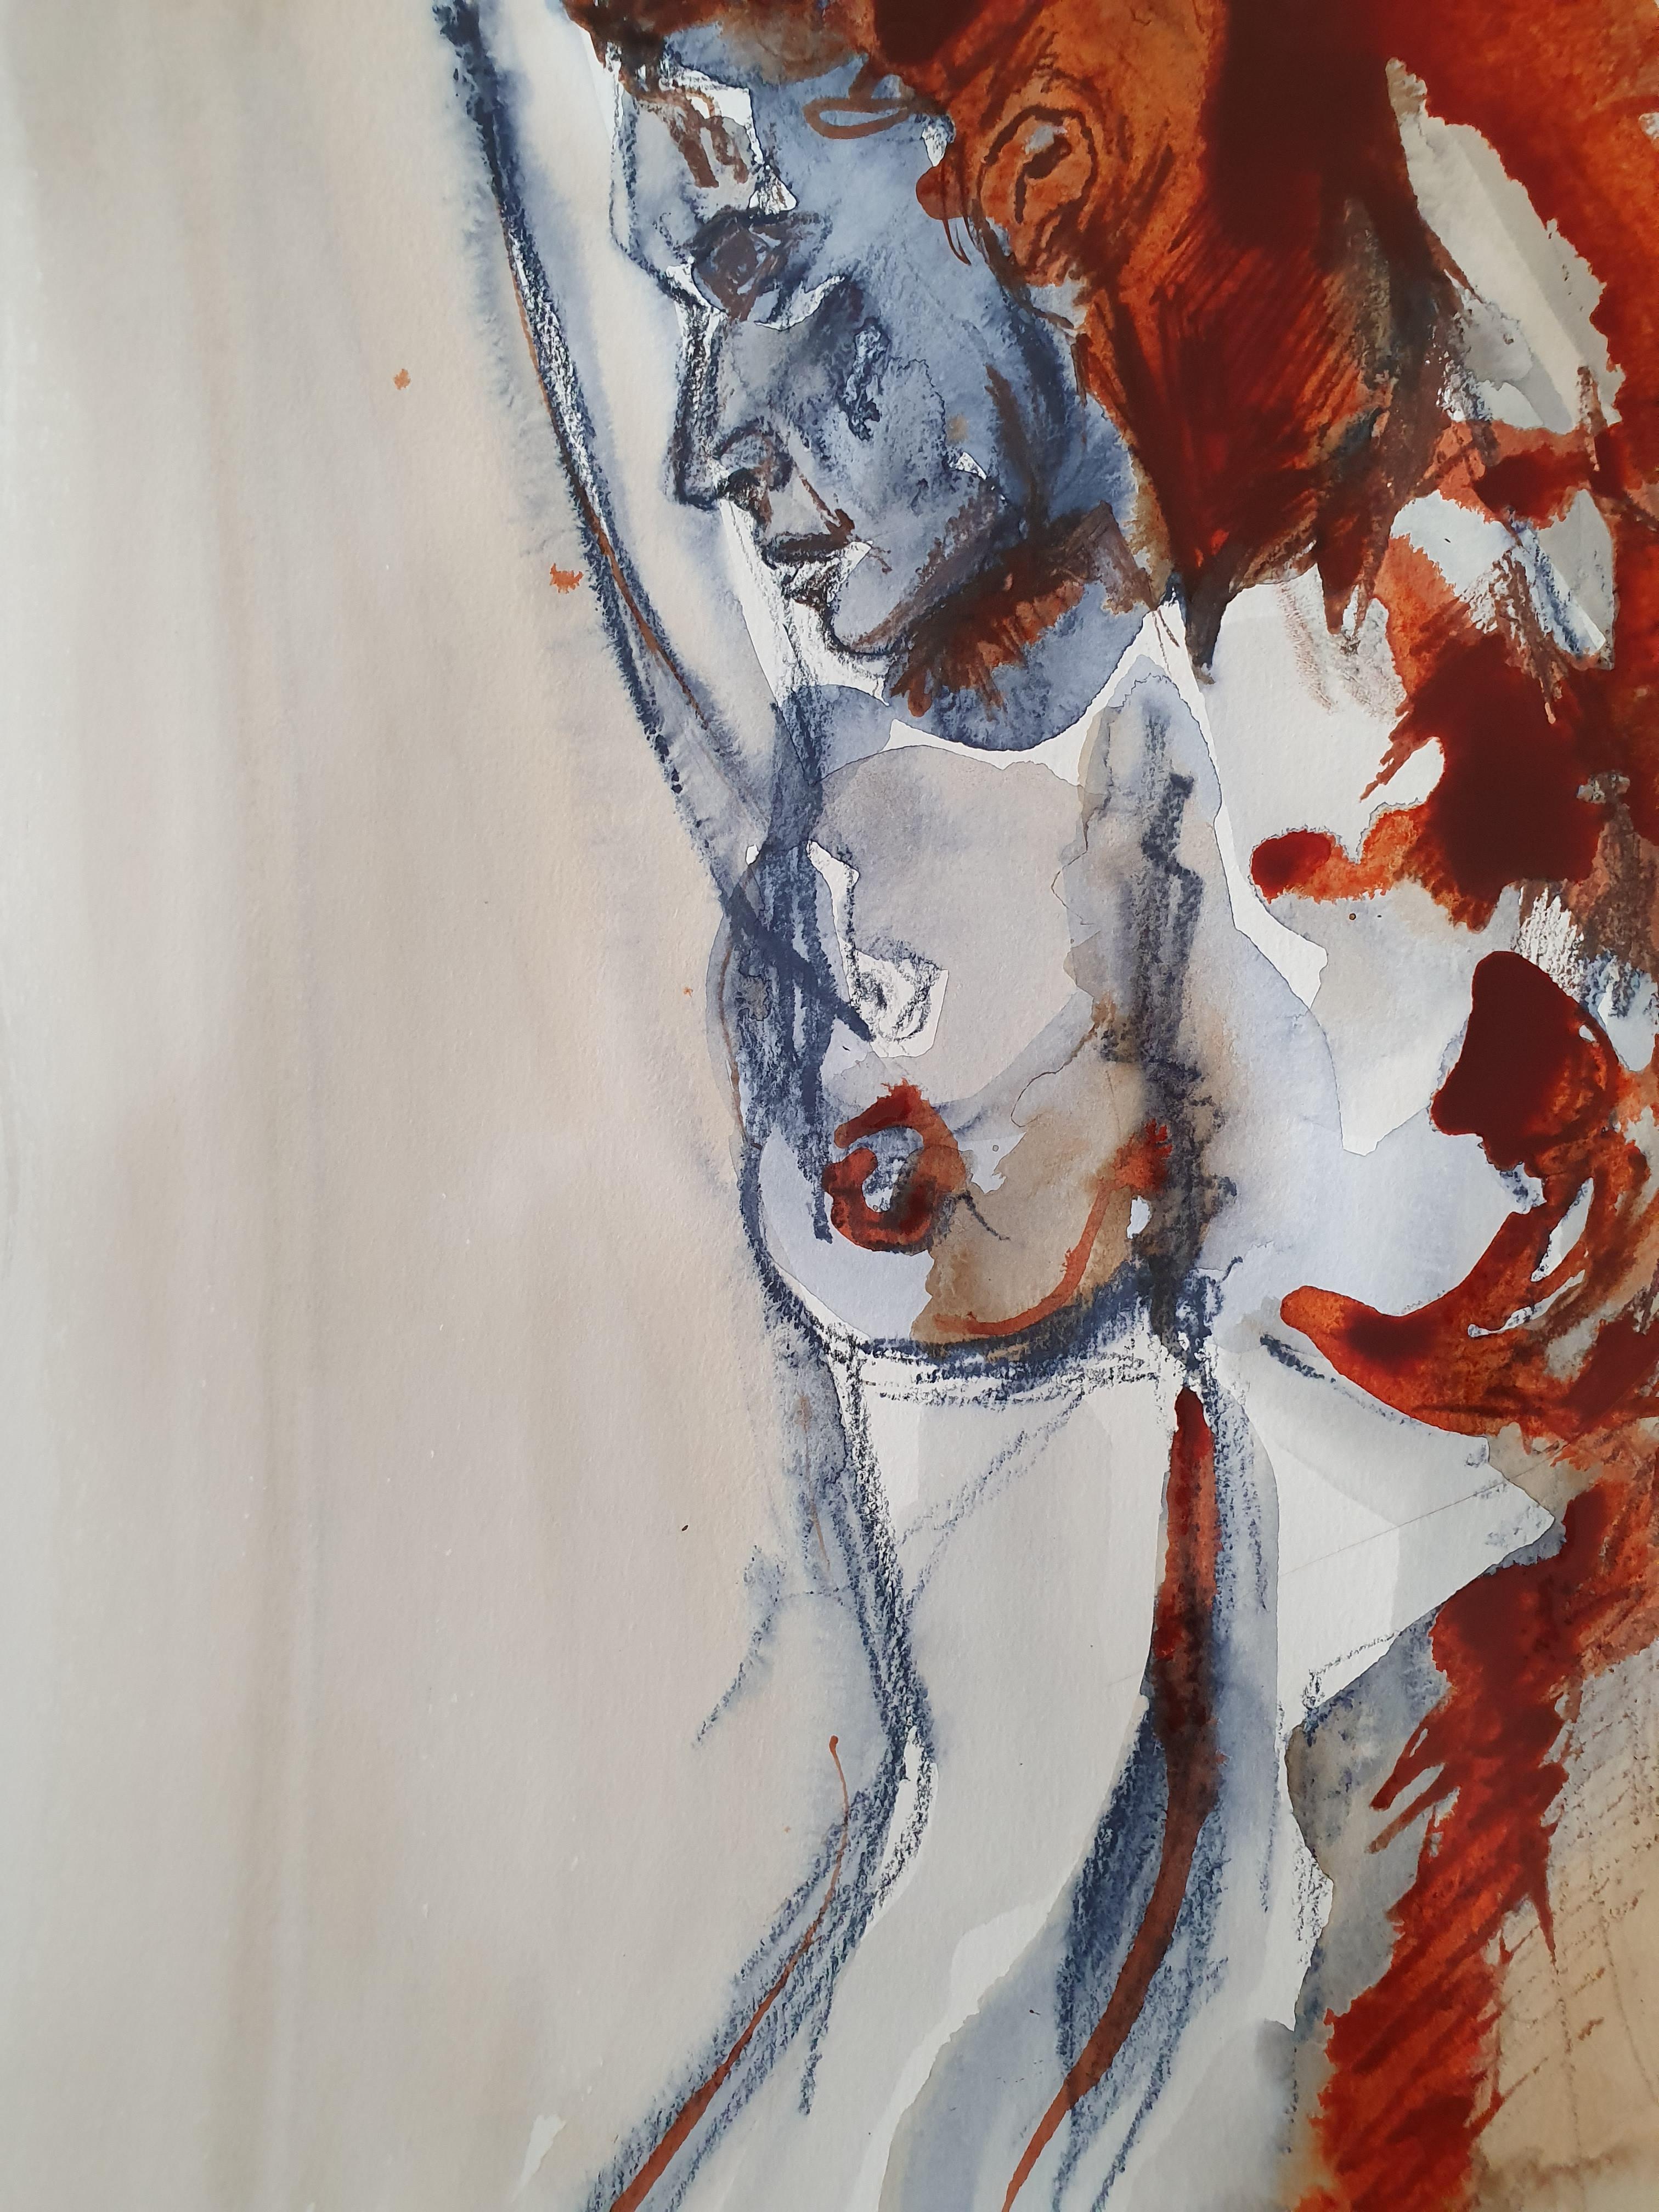 Dessin technique mixte aquarelle bleu blanc et rouge  cours de dessin